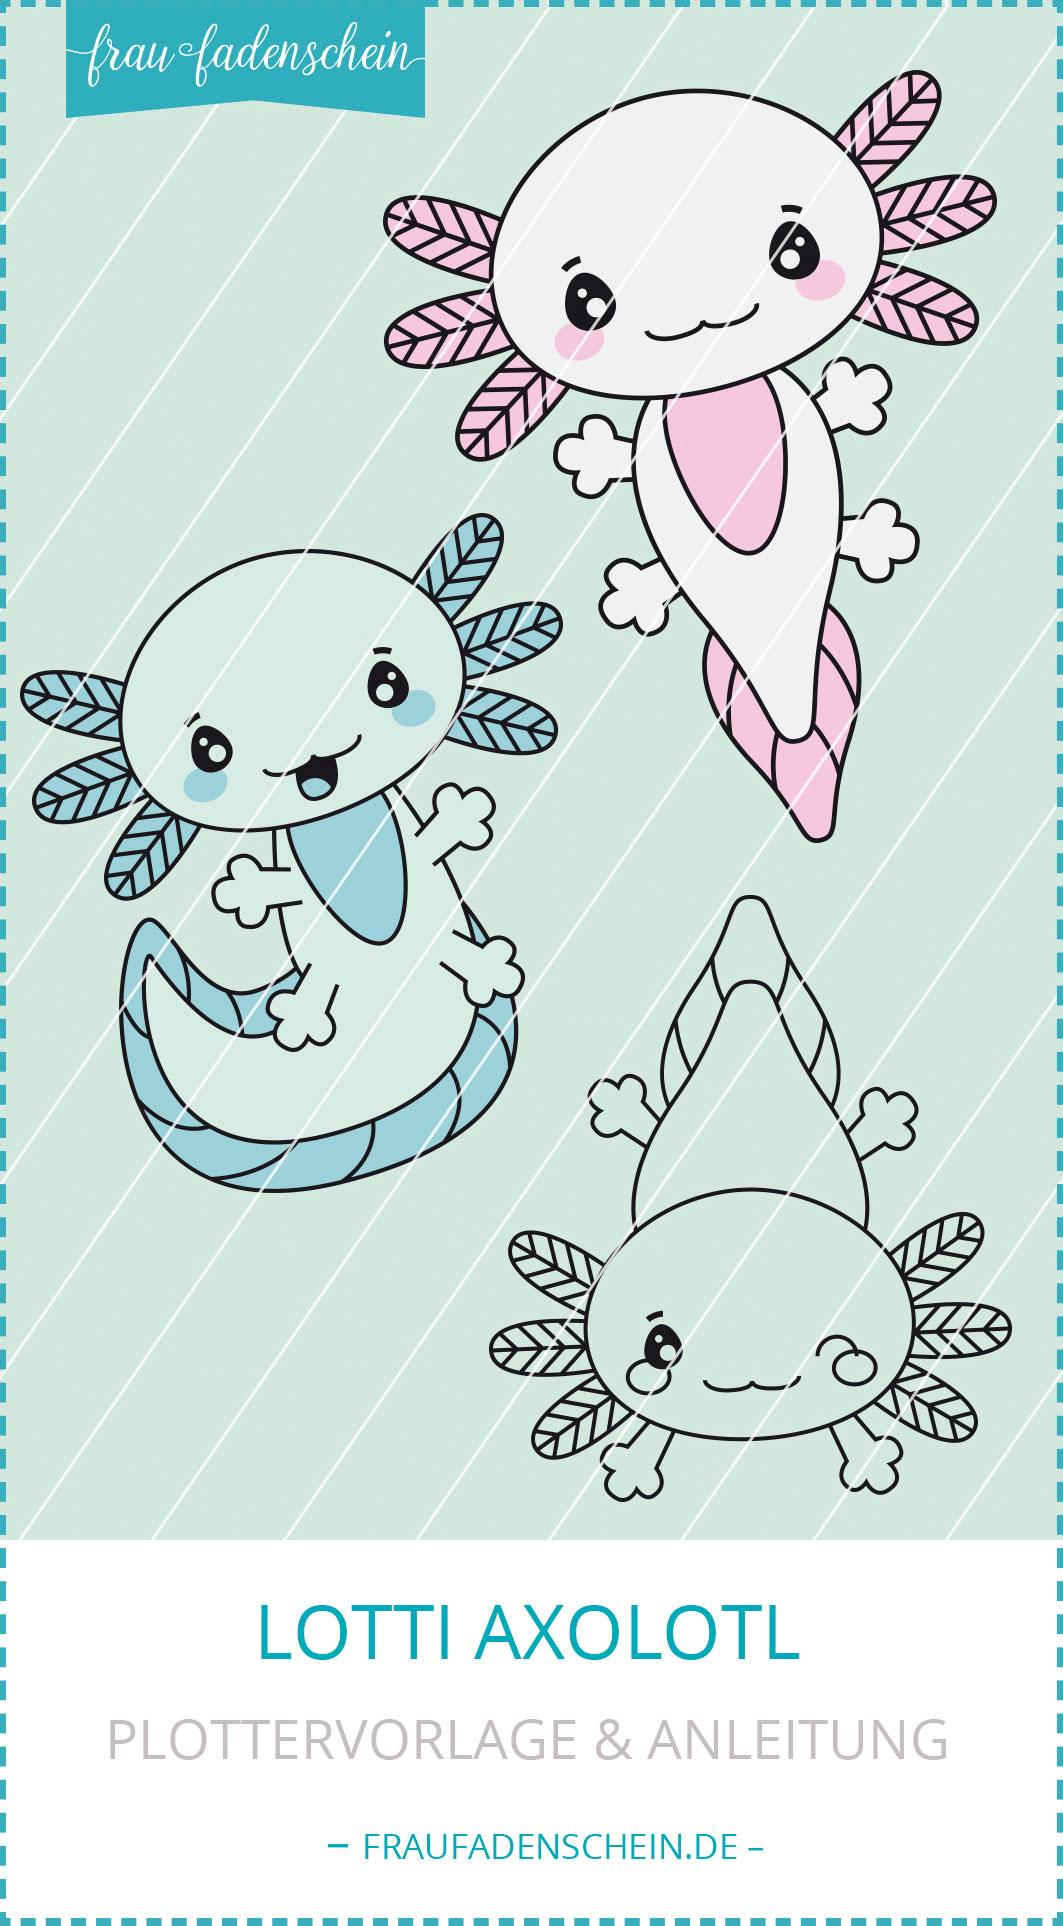 """Plottervorlage """"Lotti Axolotl"""""""